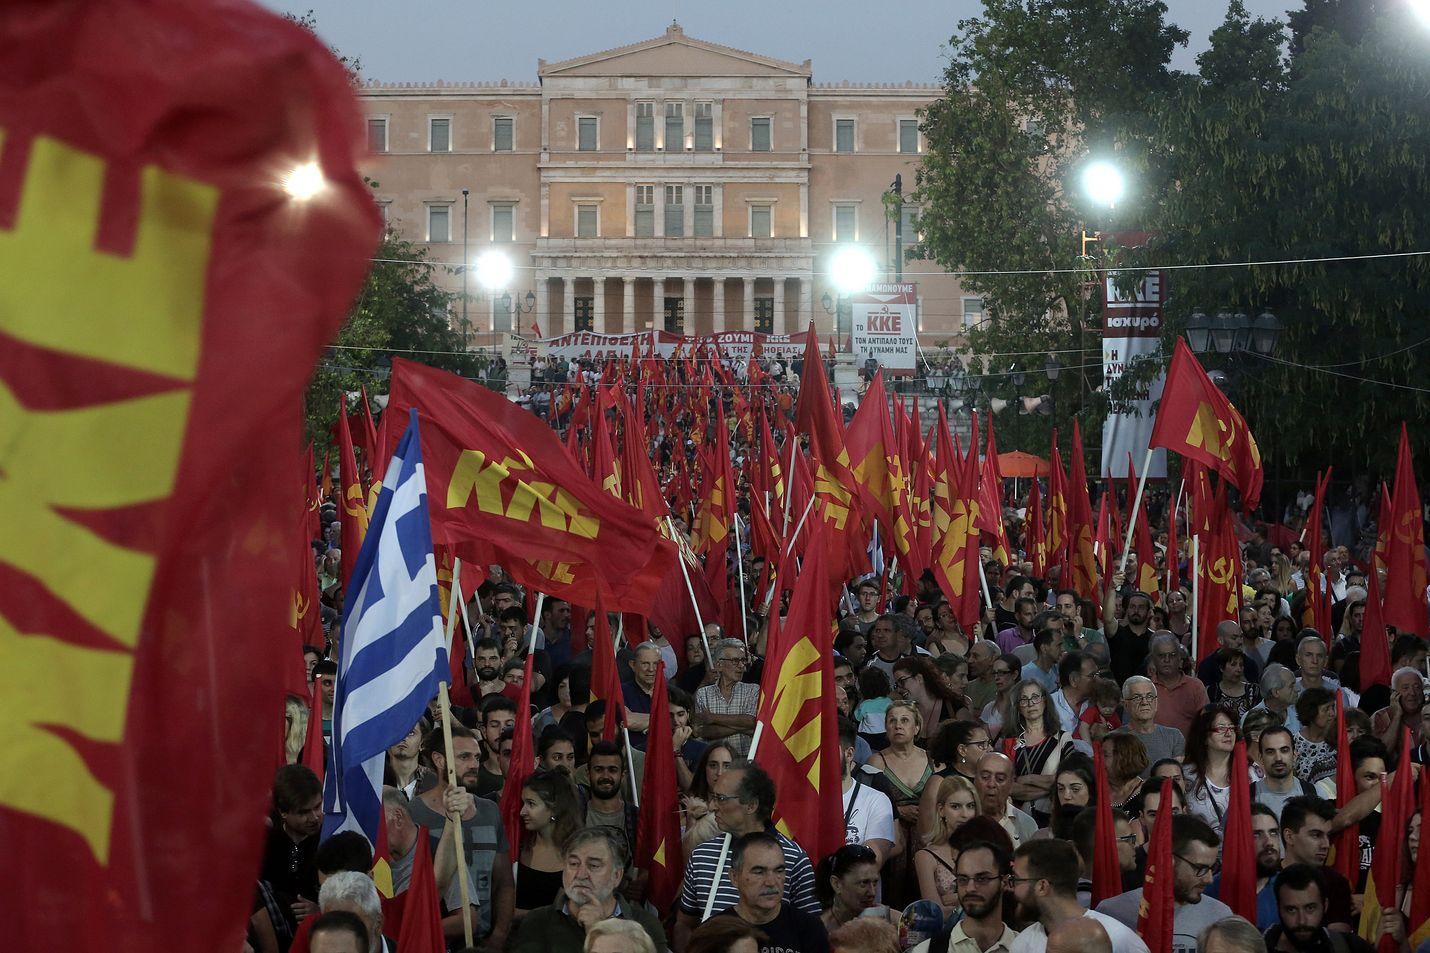 Kreikan suurin kommunistipuolue KKE sai heinäkuisissa vaaleissa 15 paikkaa. Sotirisin kannattama Antarsya eroaa KKE:sta muun muassa siinä, että Antarsya kannattaa välitöntä EU-eroa.